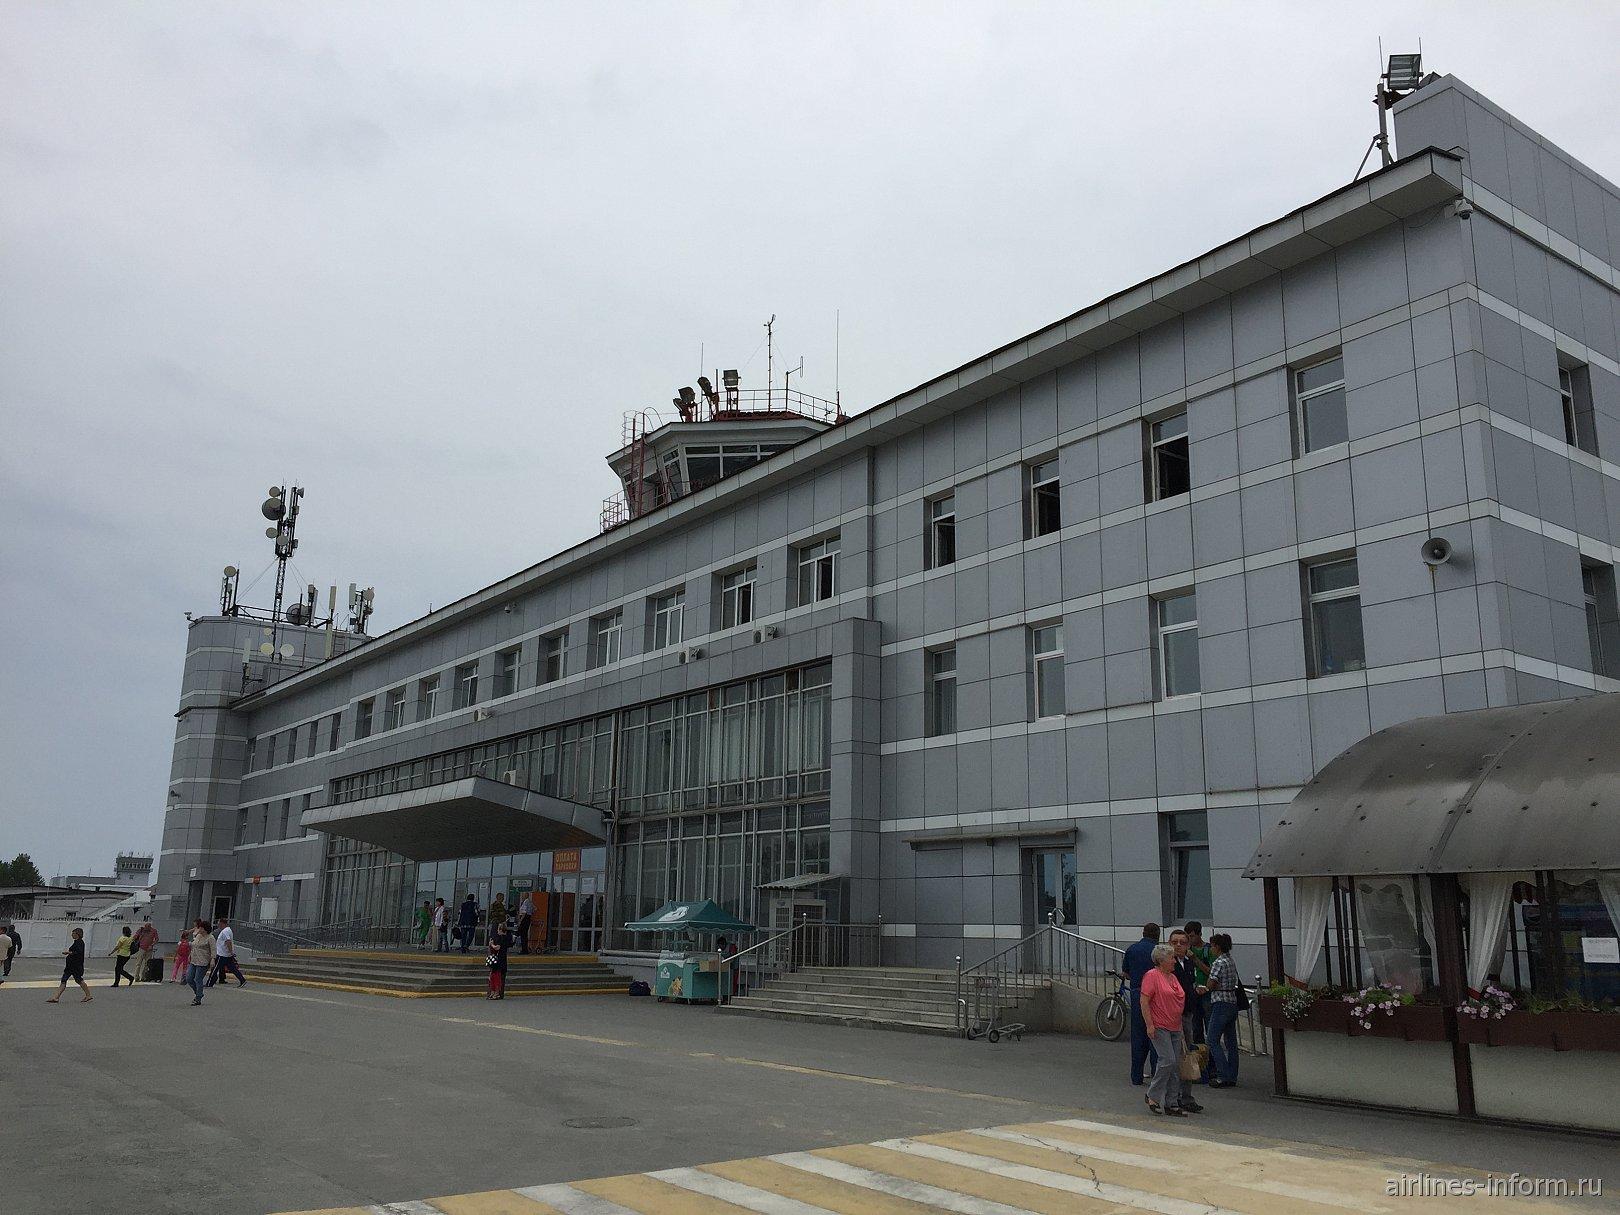 Южно-Сахалинск-Москва, на А-330.